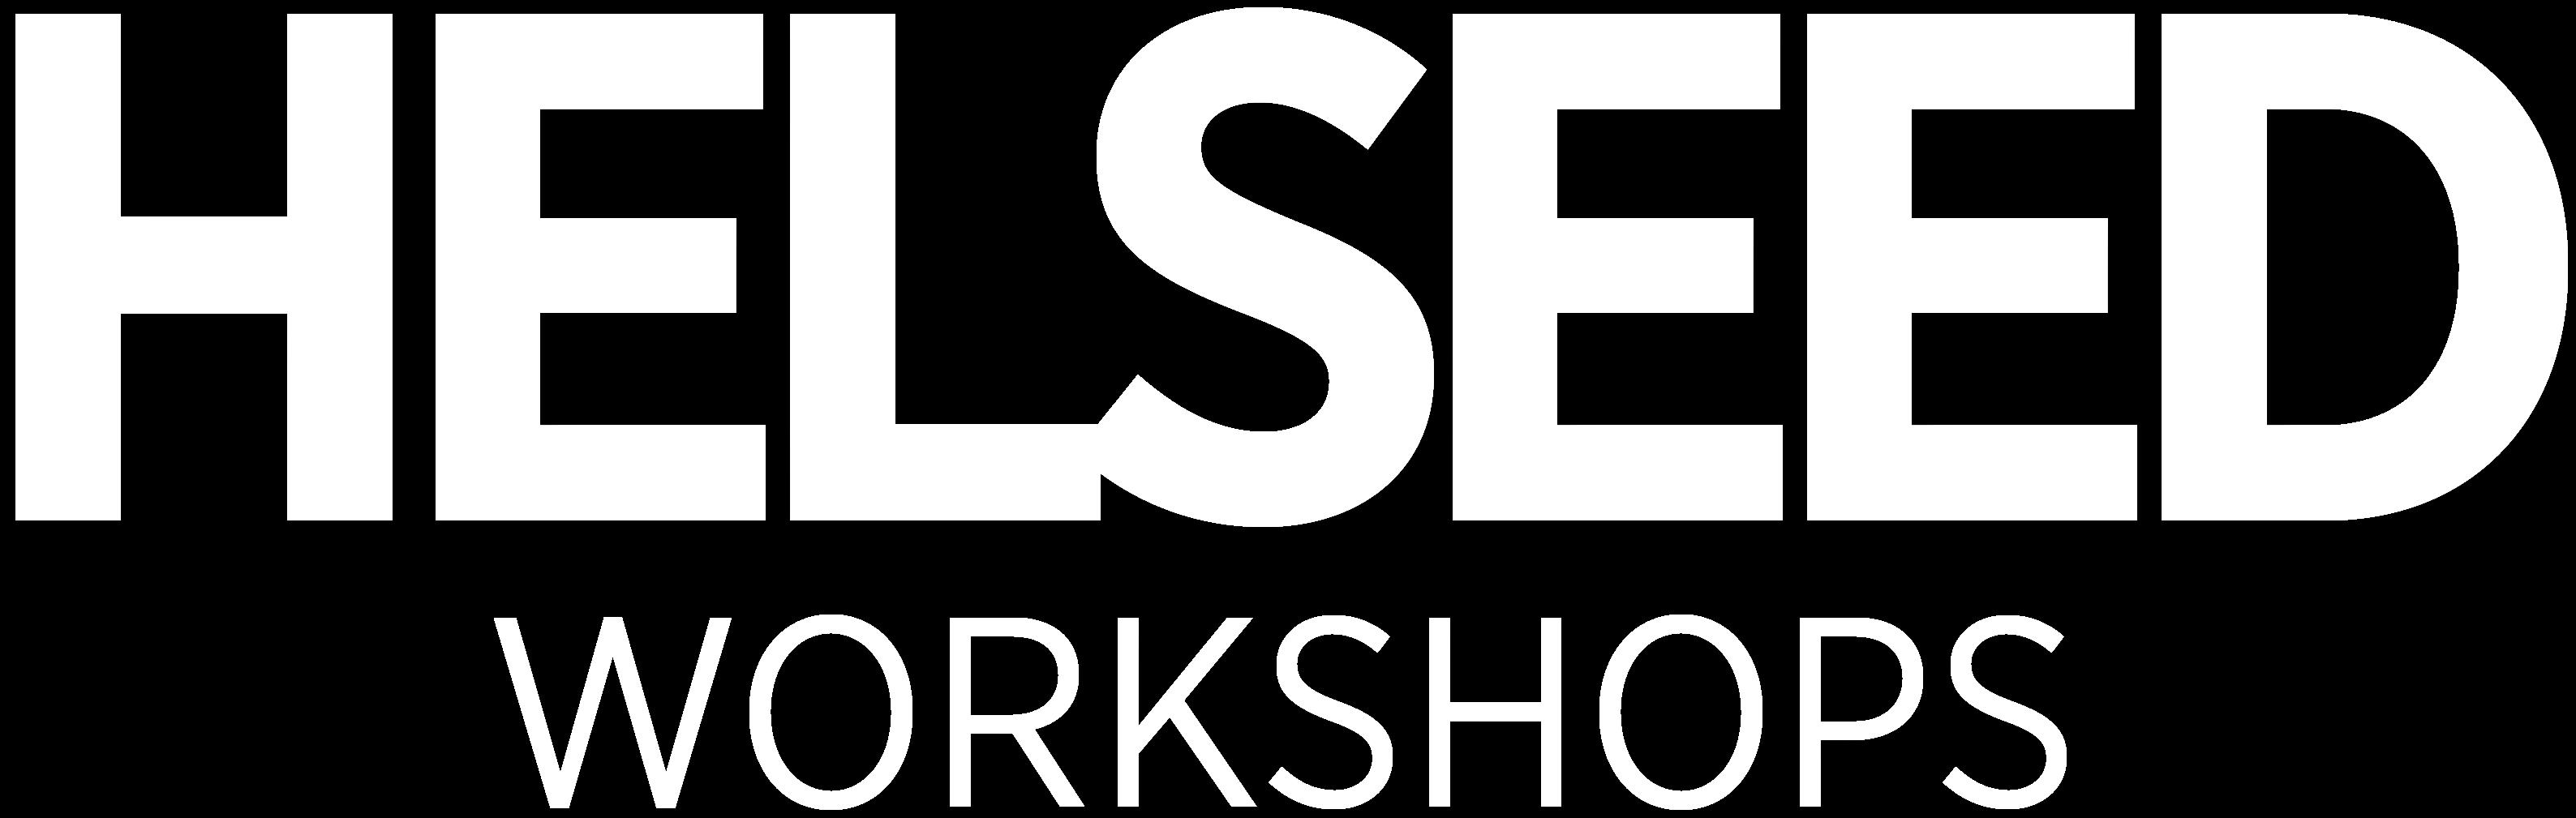 Helseed workshops logo